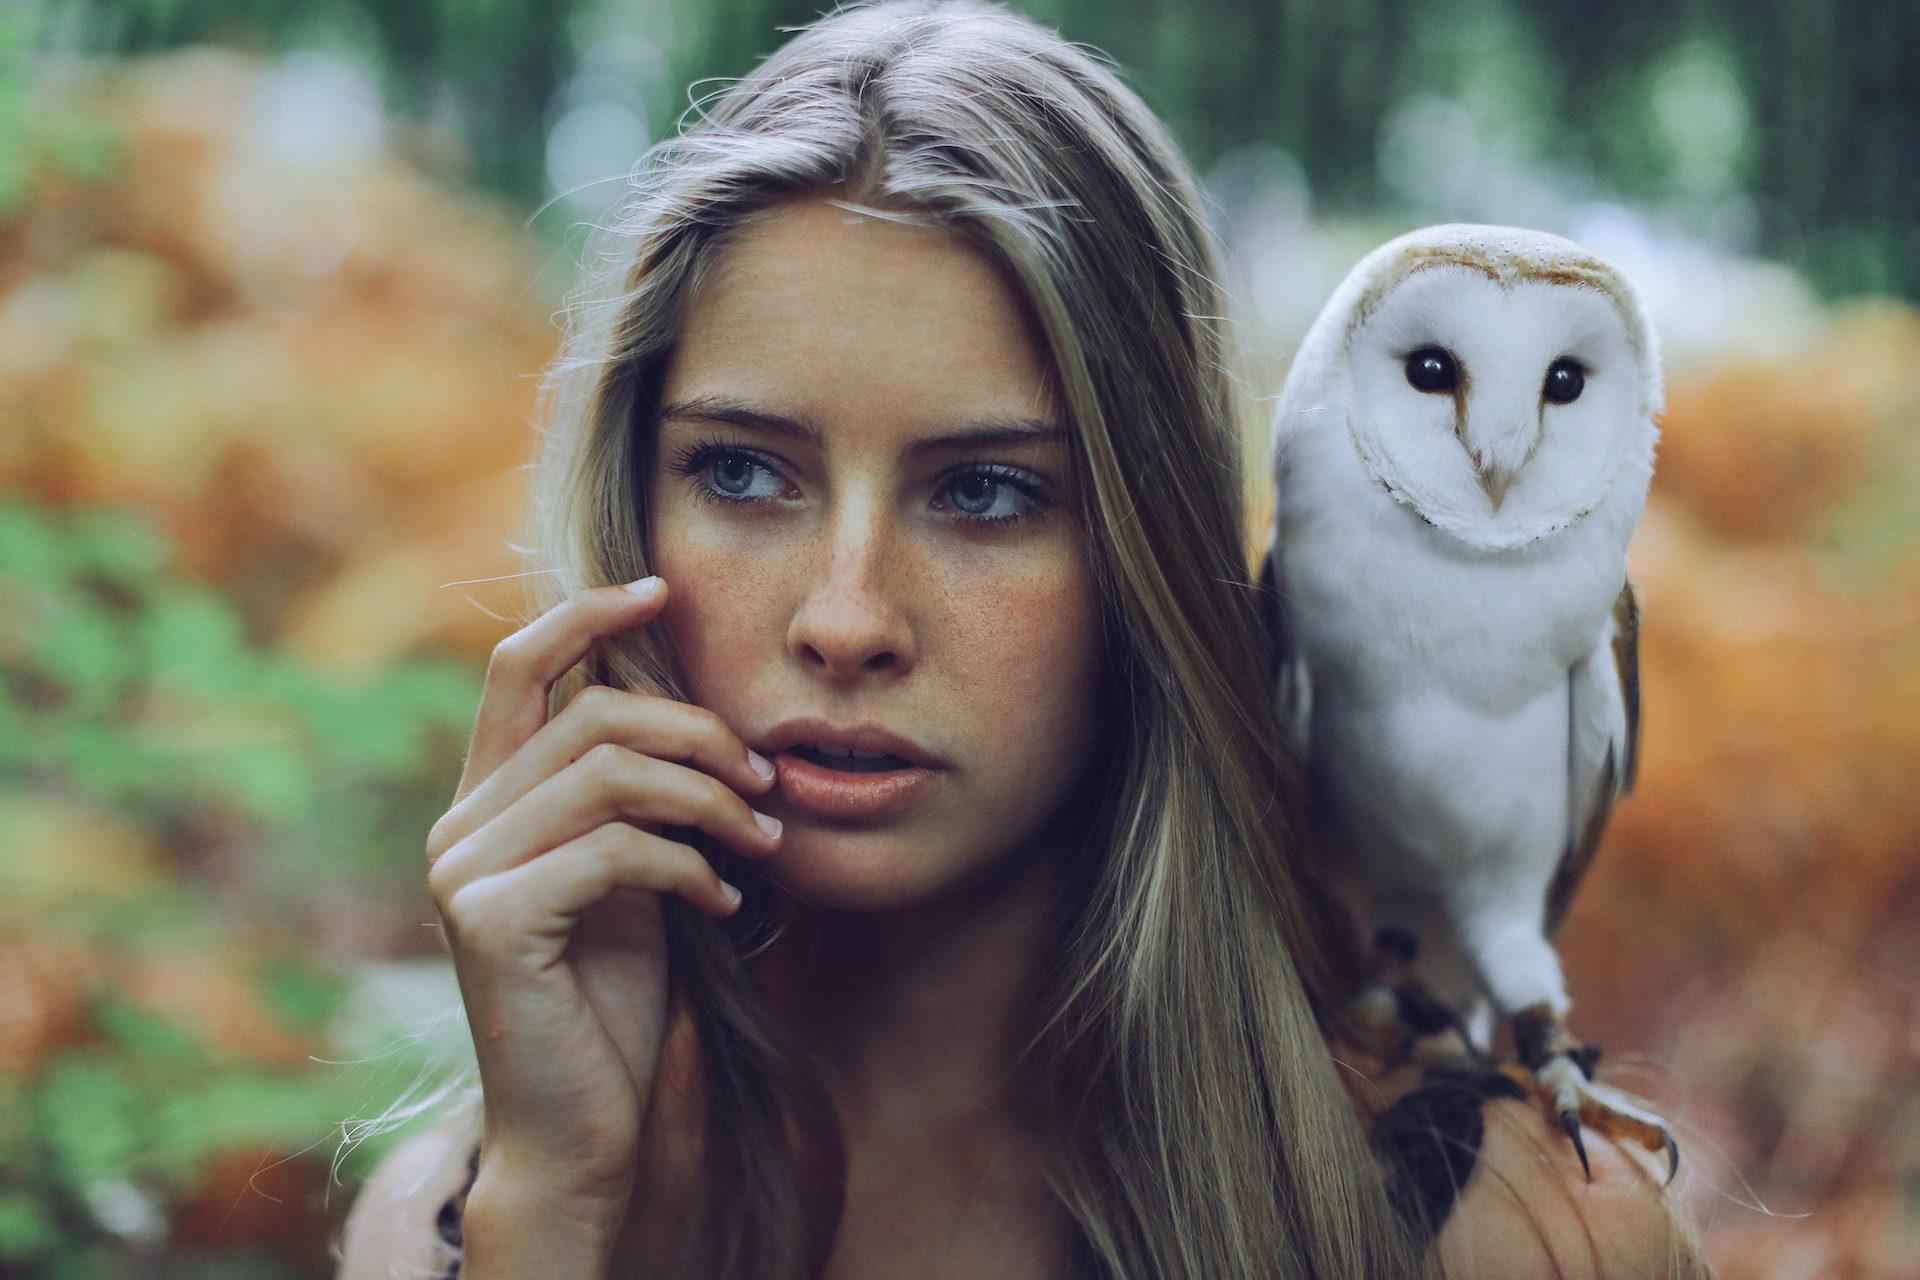 женщина, СОВА, Птица, Домашнее животное, Смотреть - Обои HD - Профессор falken.com